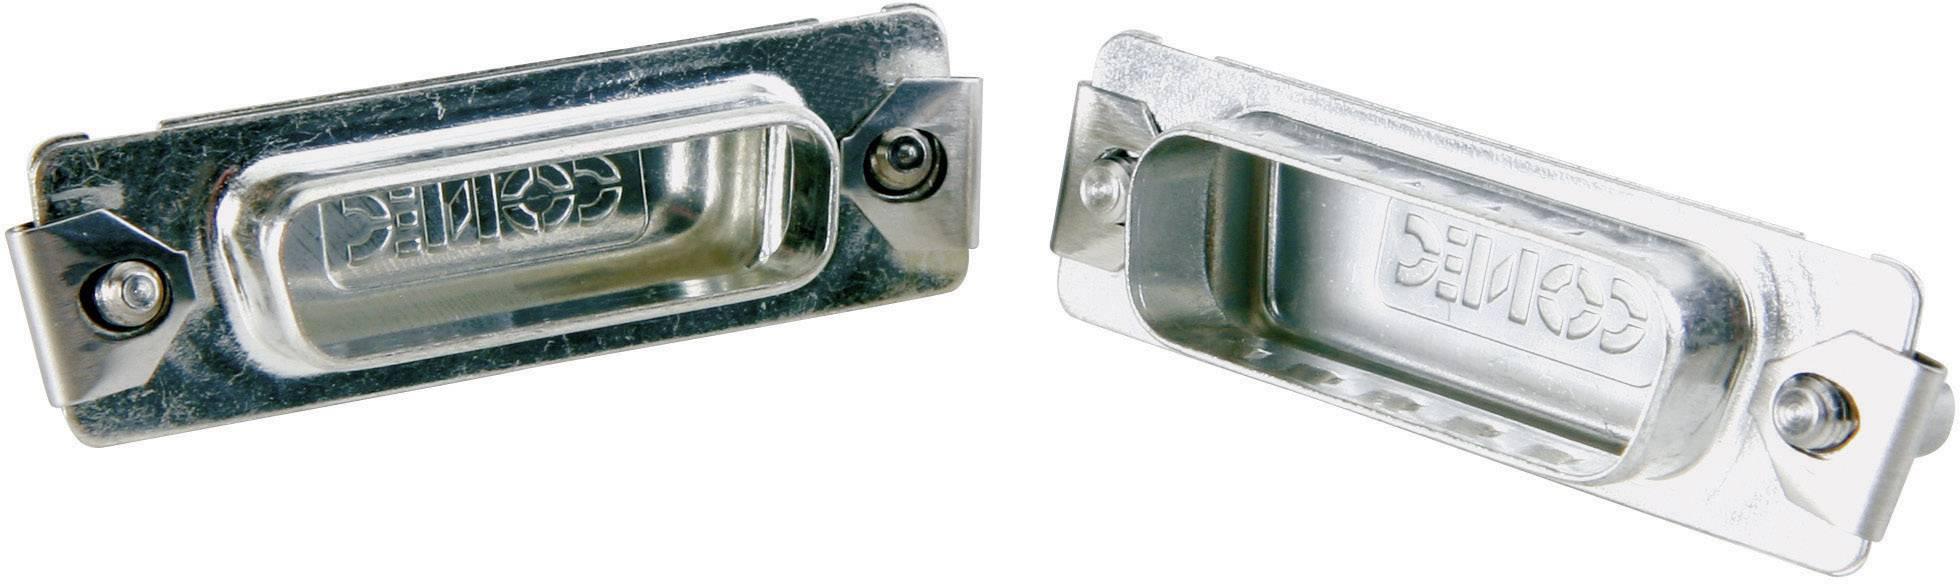 Záslepka D-SUB konektoru pro D-SUB kolíková lišta 25pólová Conec 165X16789X, 165X16789X, stříbrná, 1 ks